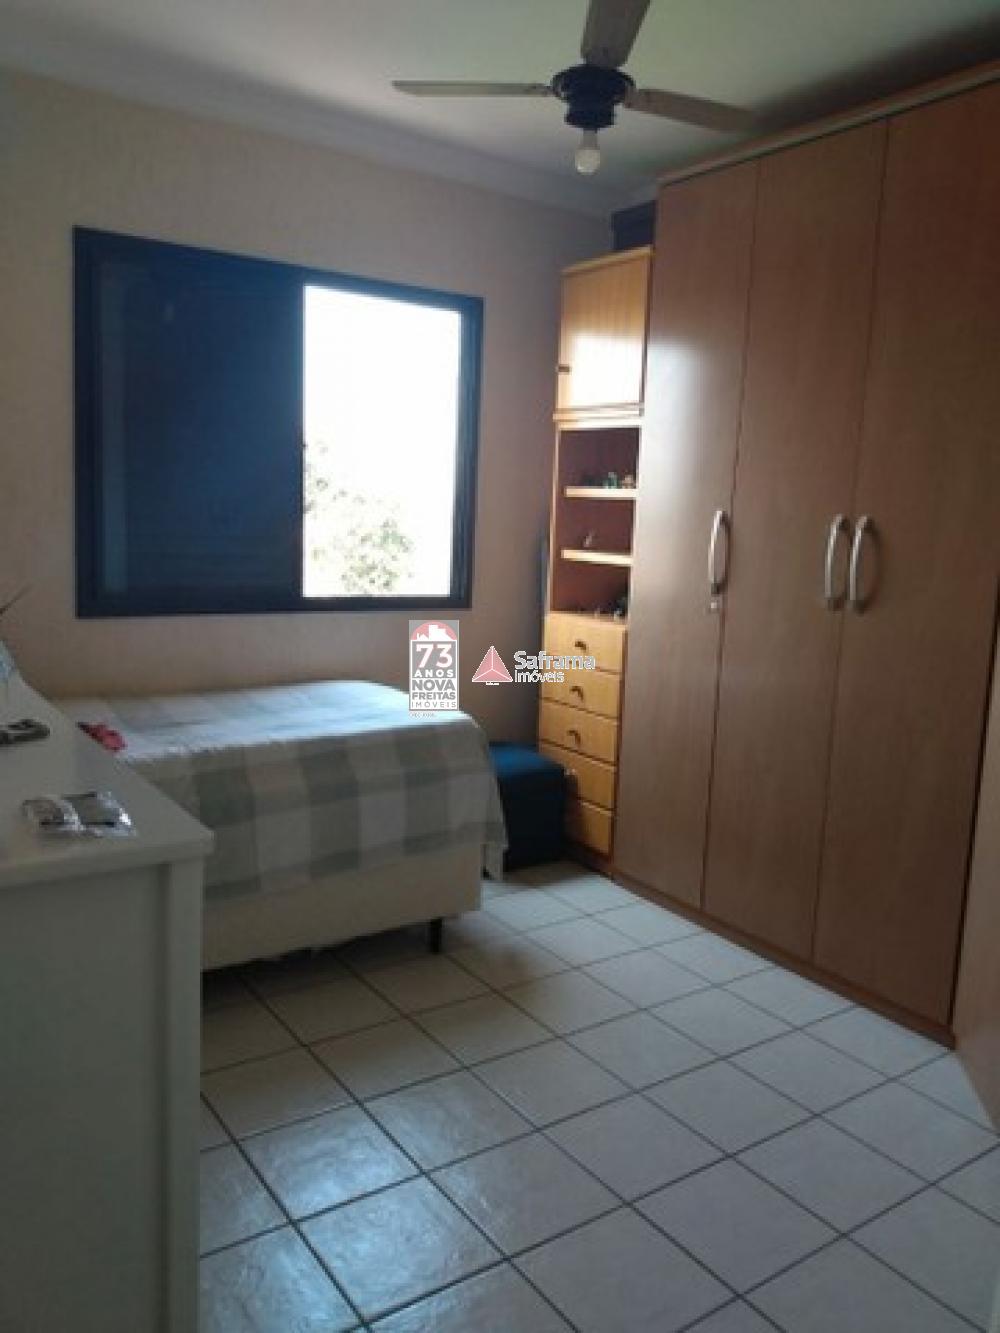 Comprar Apartamento / Padrão em São José dos Campos R$ 375.000,00 - Foto 4